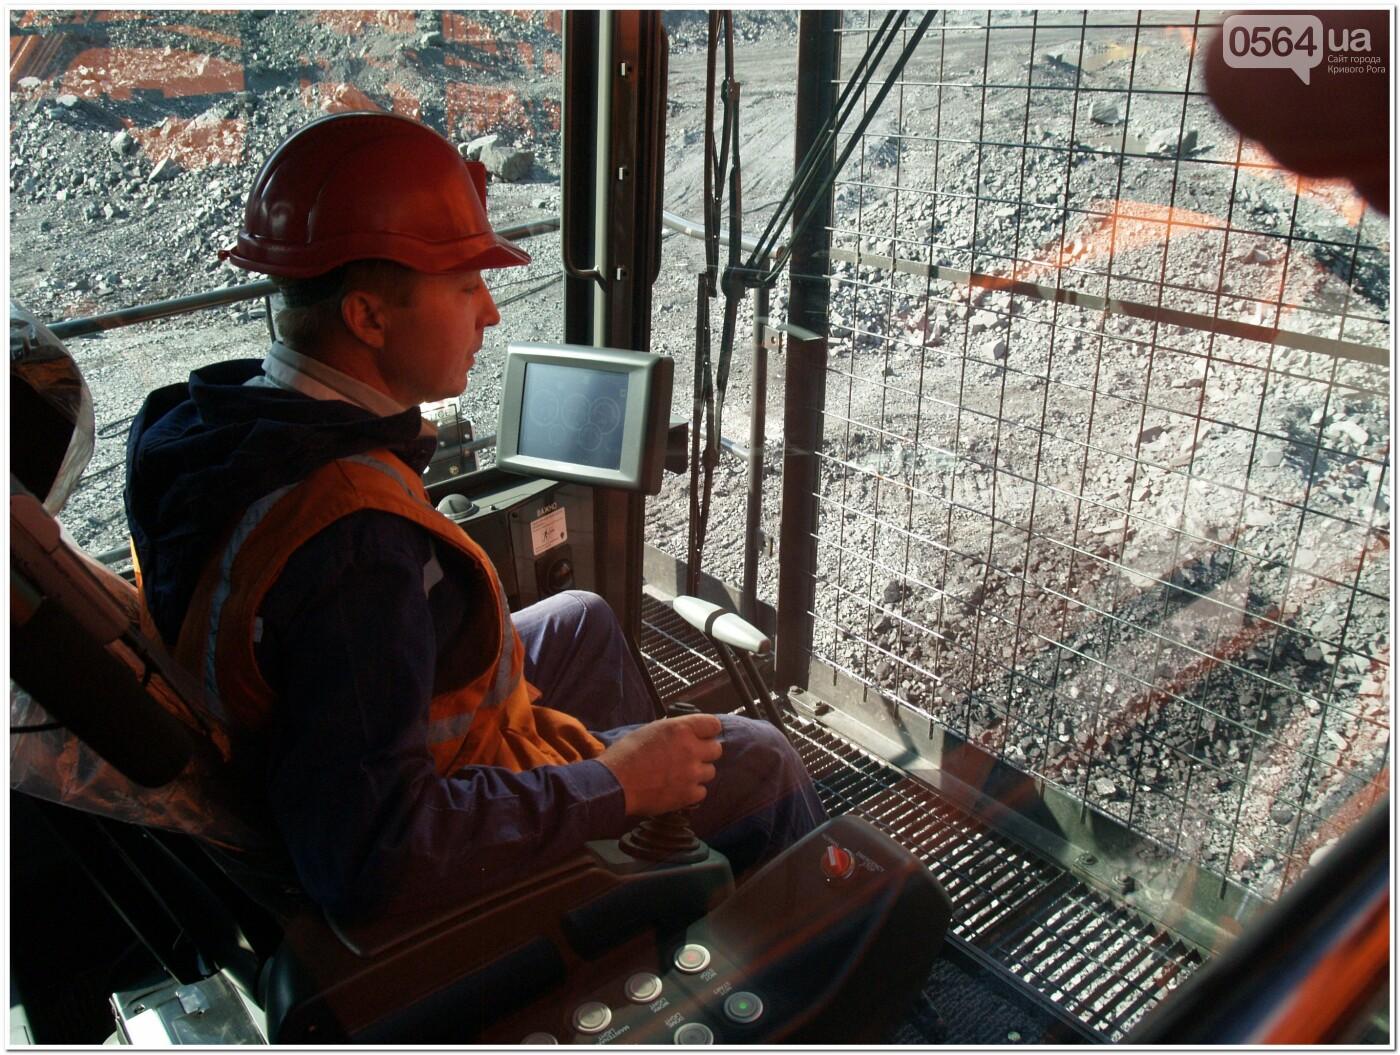 Центр карьеры Метинвест помогает найти работу на промышленных предприятиях Кривого Рога, фото-2